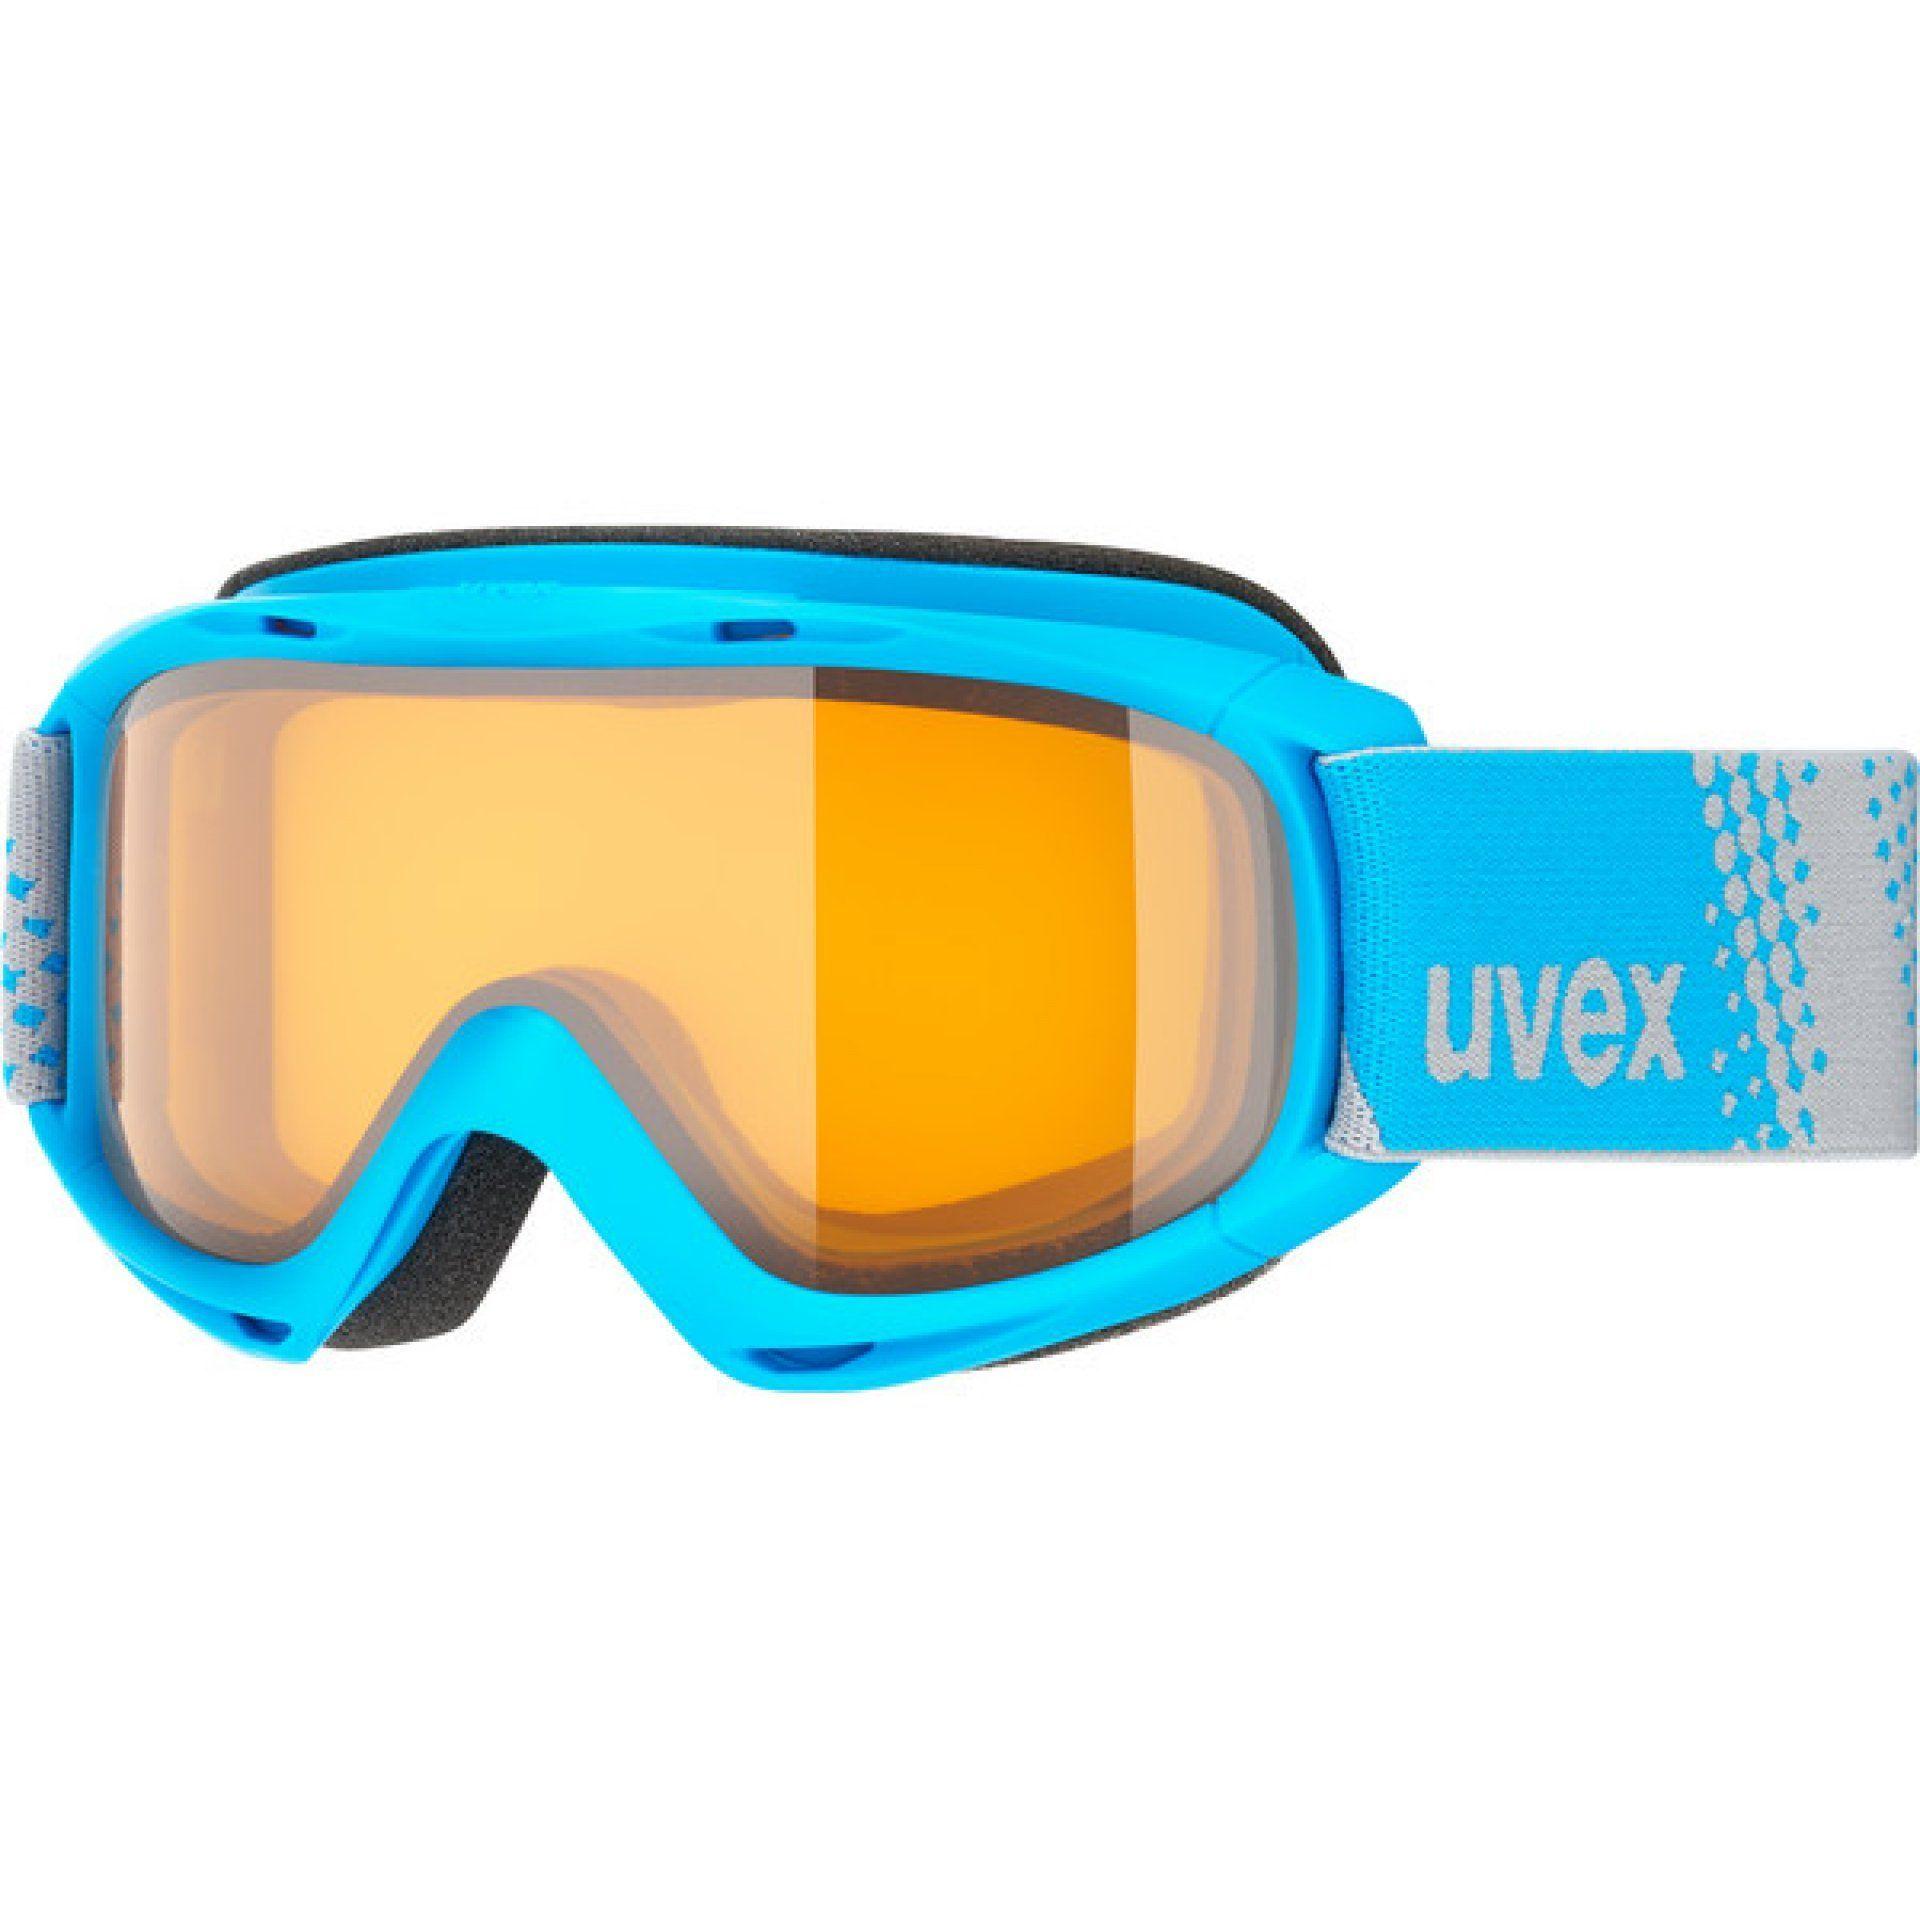 GOGLE UVEX SLIDER LGL BLUE|LASERGOLD LITE 55|0|024|4030